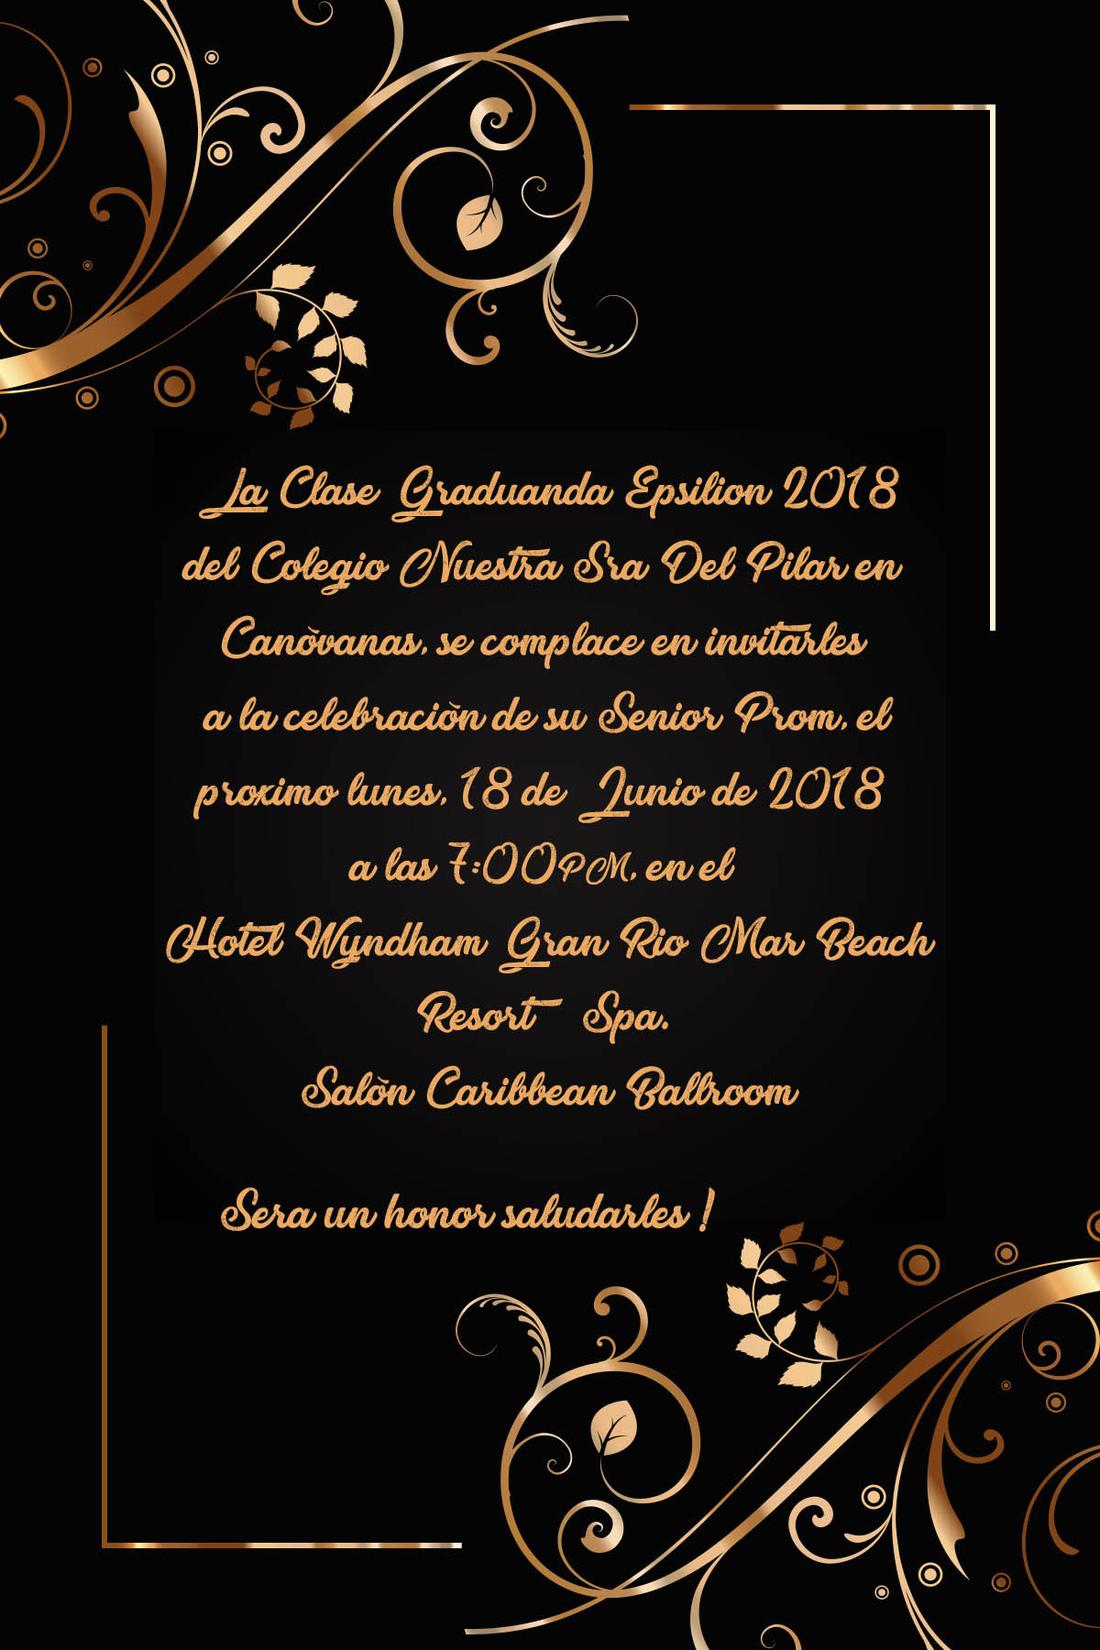 Manuel Indio - Invitations